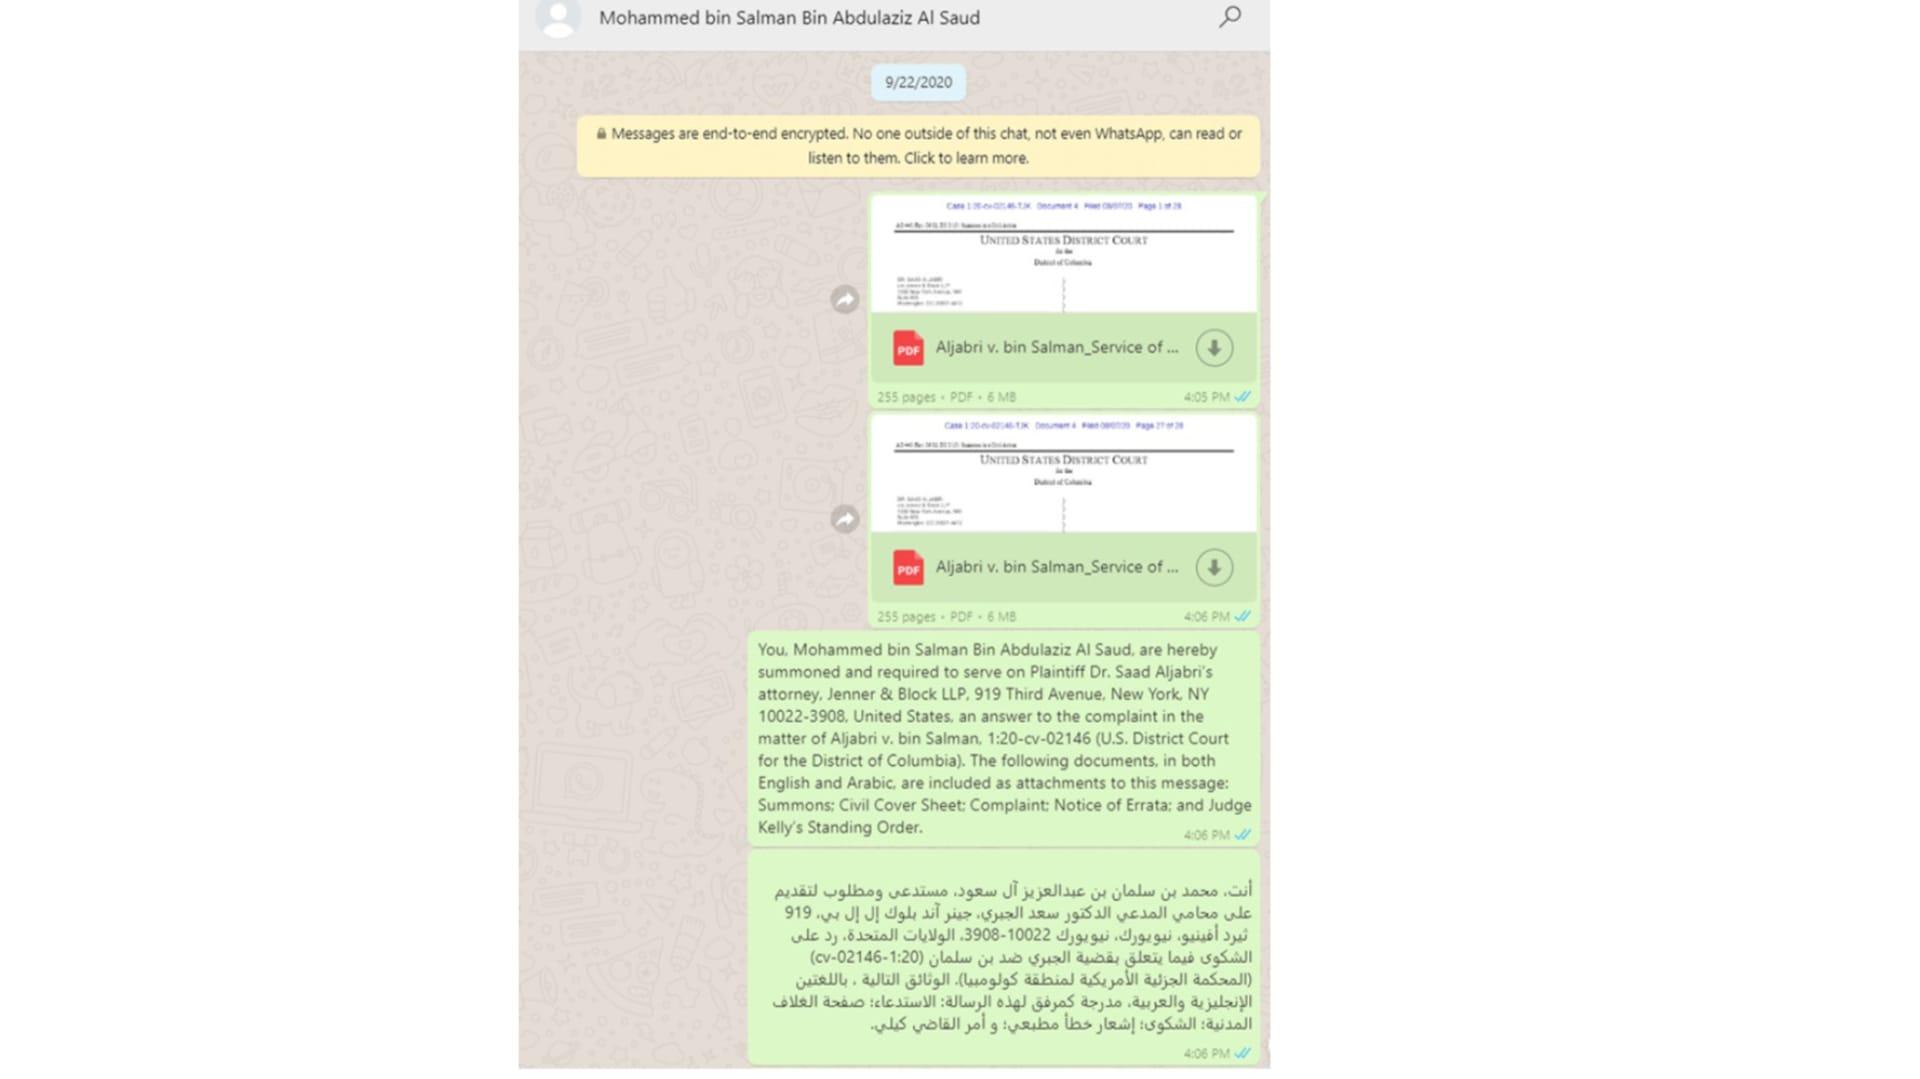 """محكمة واشنطن تستدعي ولي العهد السعودي في قضية الجبري عبر """"واتساب"""""""